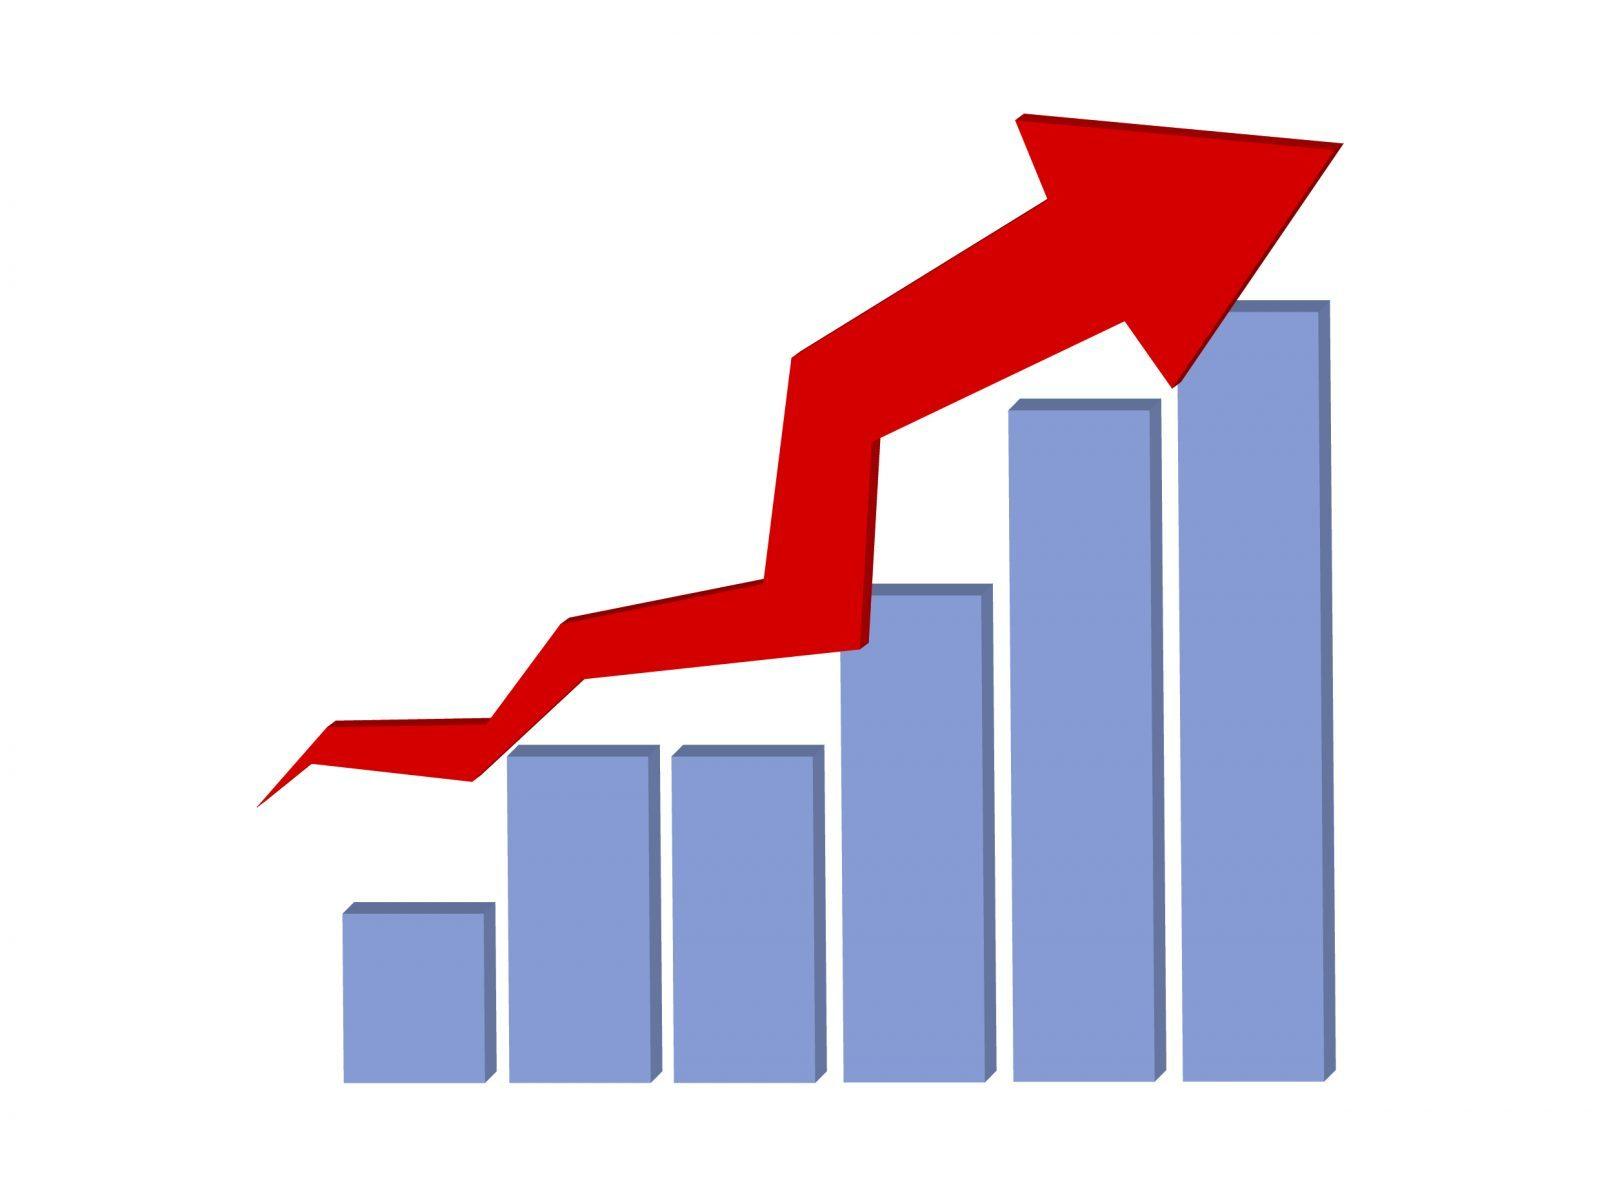 Oplopende prijzen en levertijden